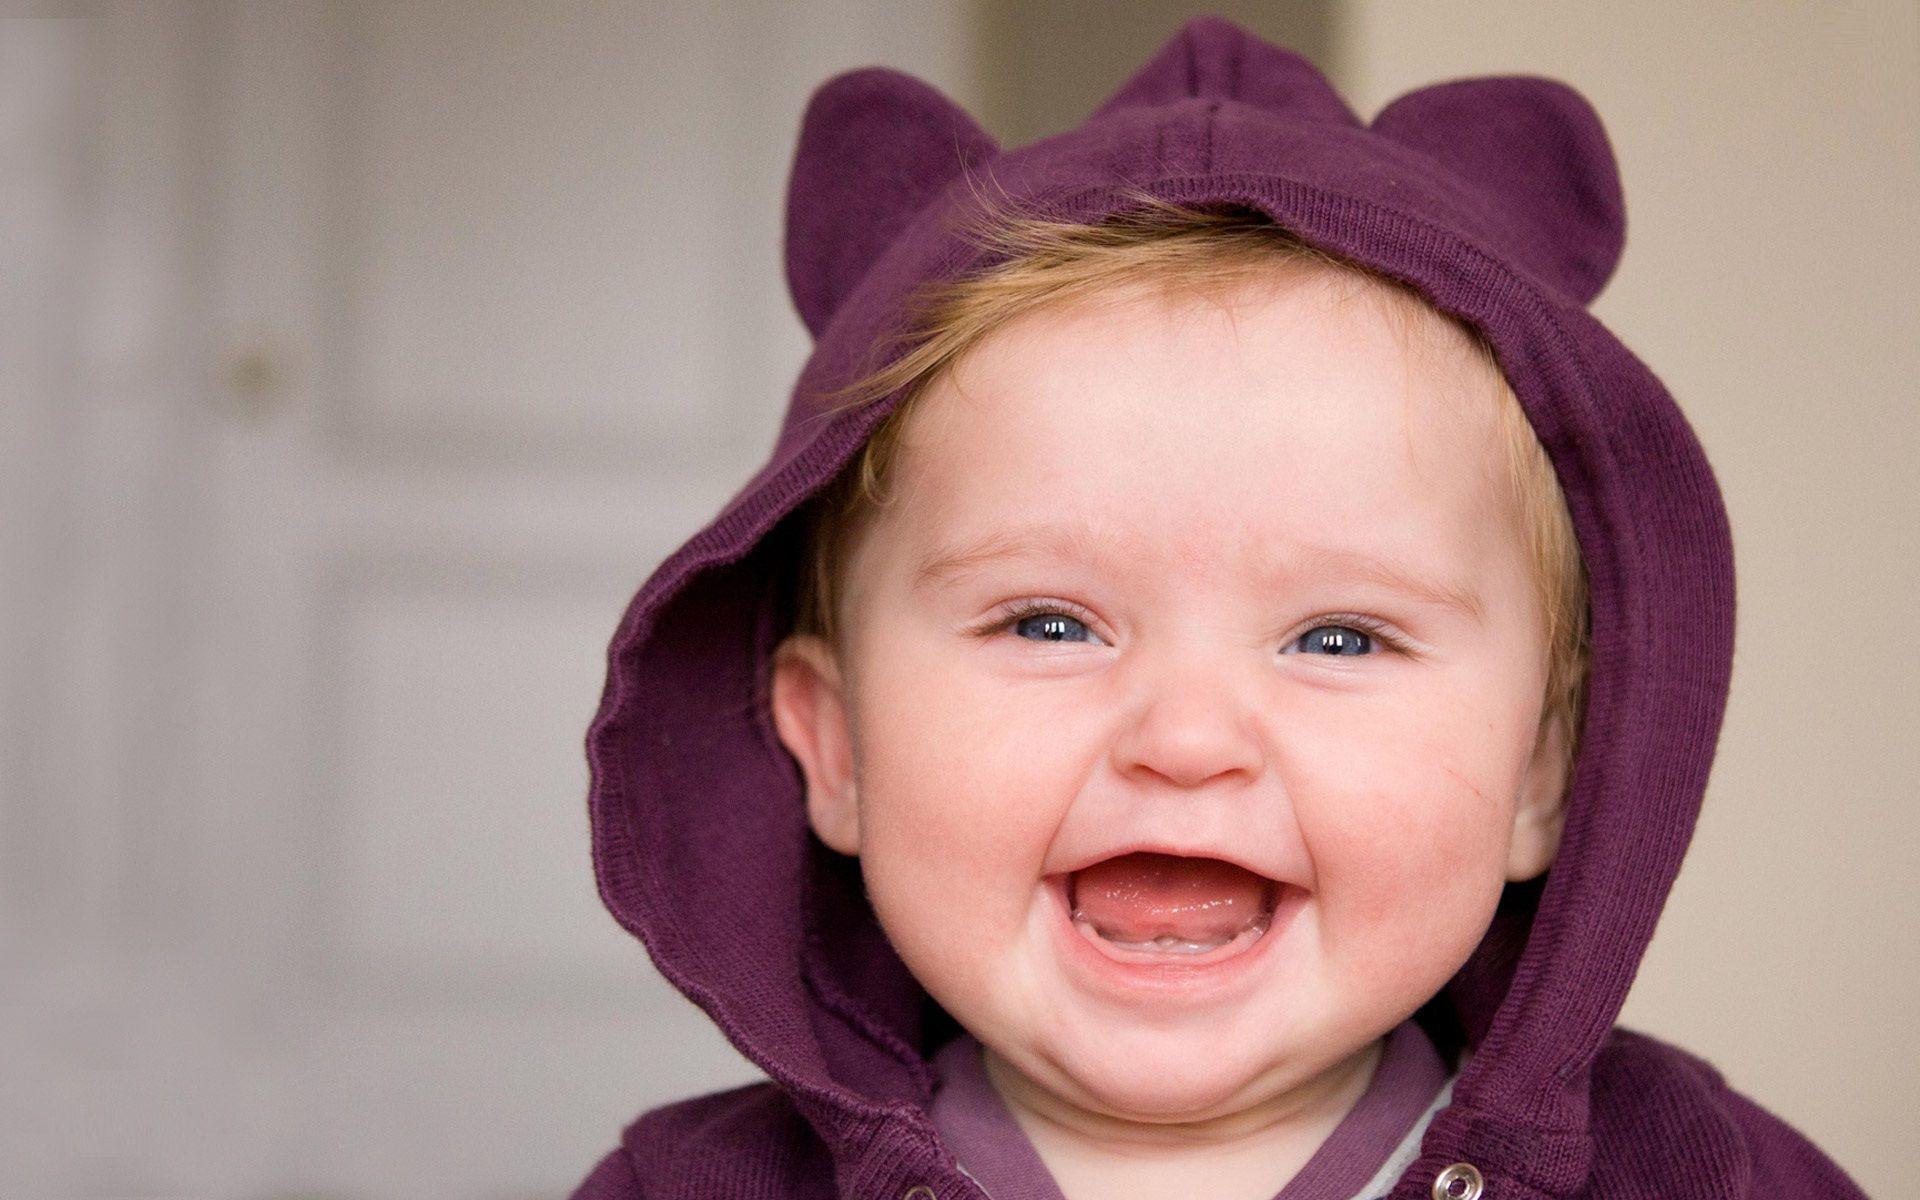 Девочка улыбка до ушей прикольные картинки, картинки